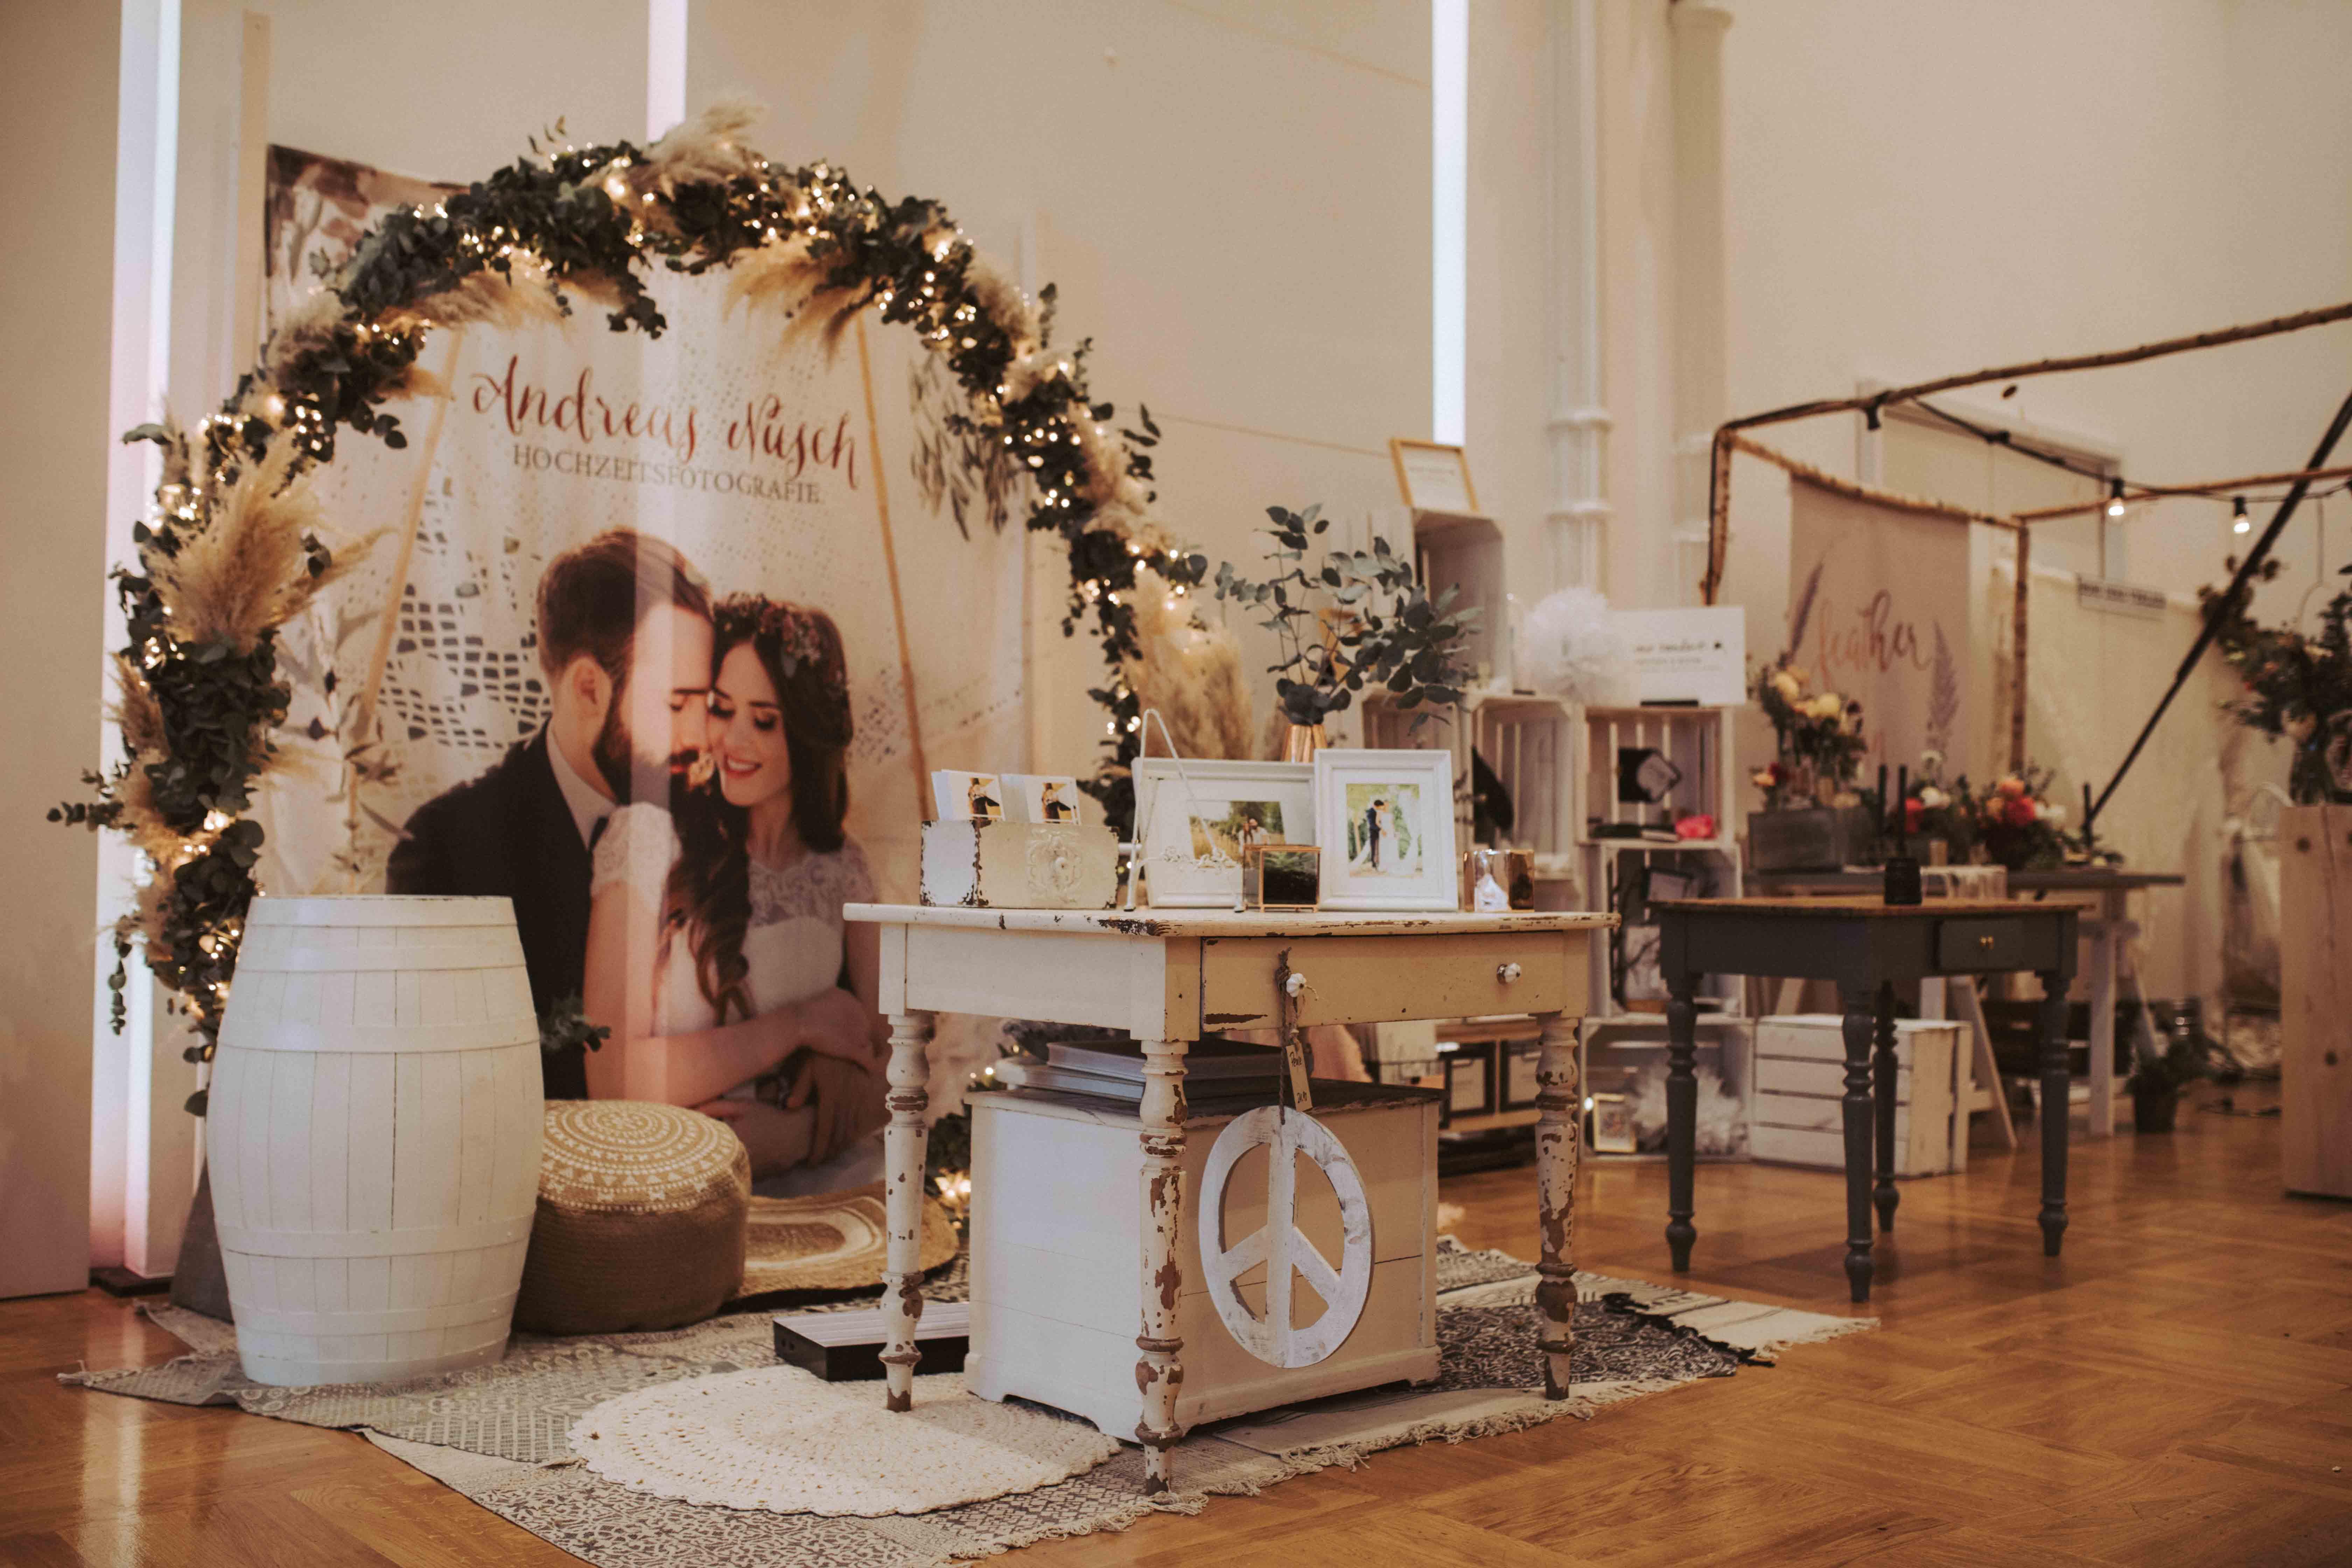 vintage wedding hochzeitmesse k ln berlin hamburg m nchen 2017. Black Bedroom Furniture Sets. Home Design Ideas